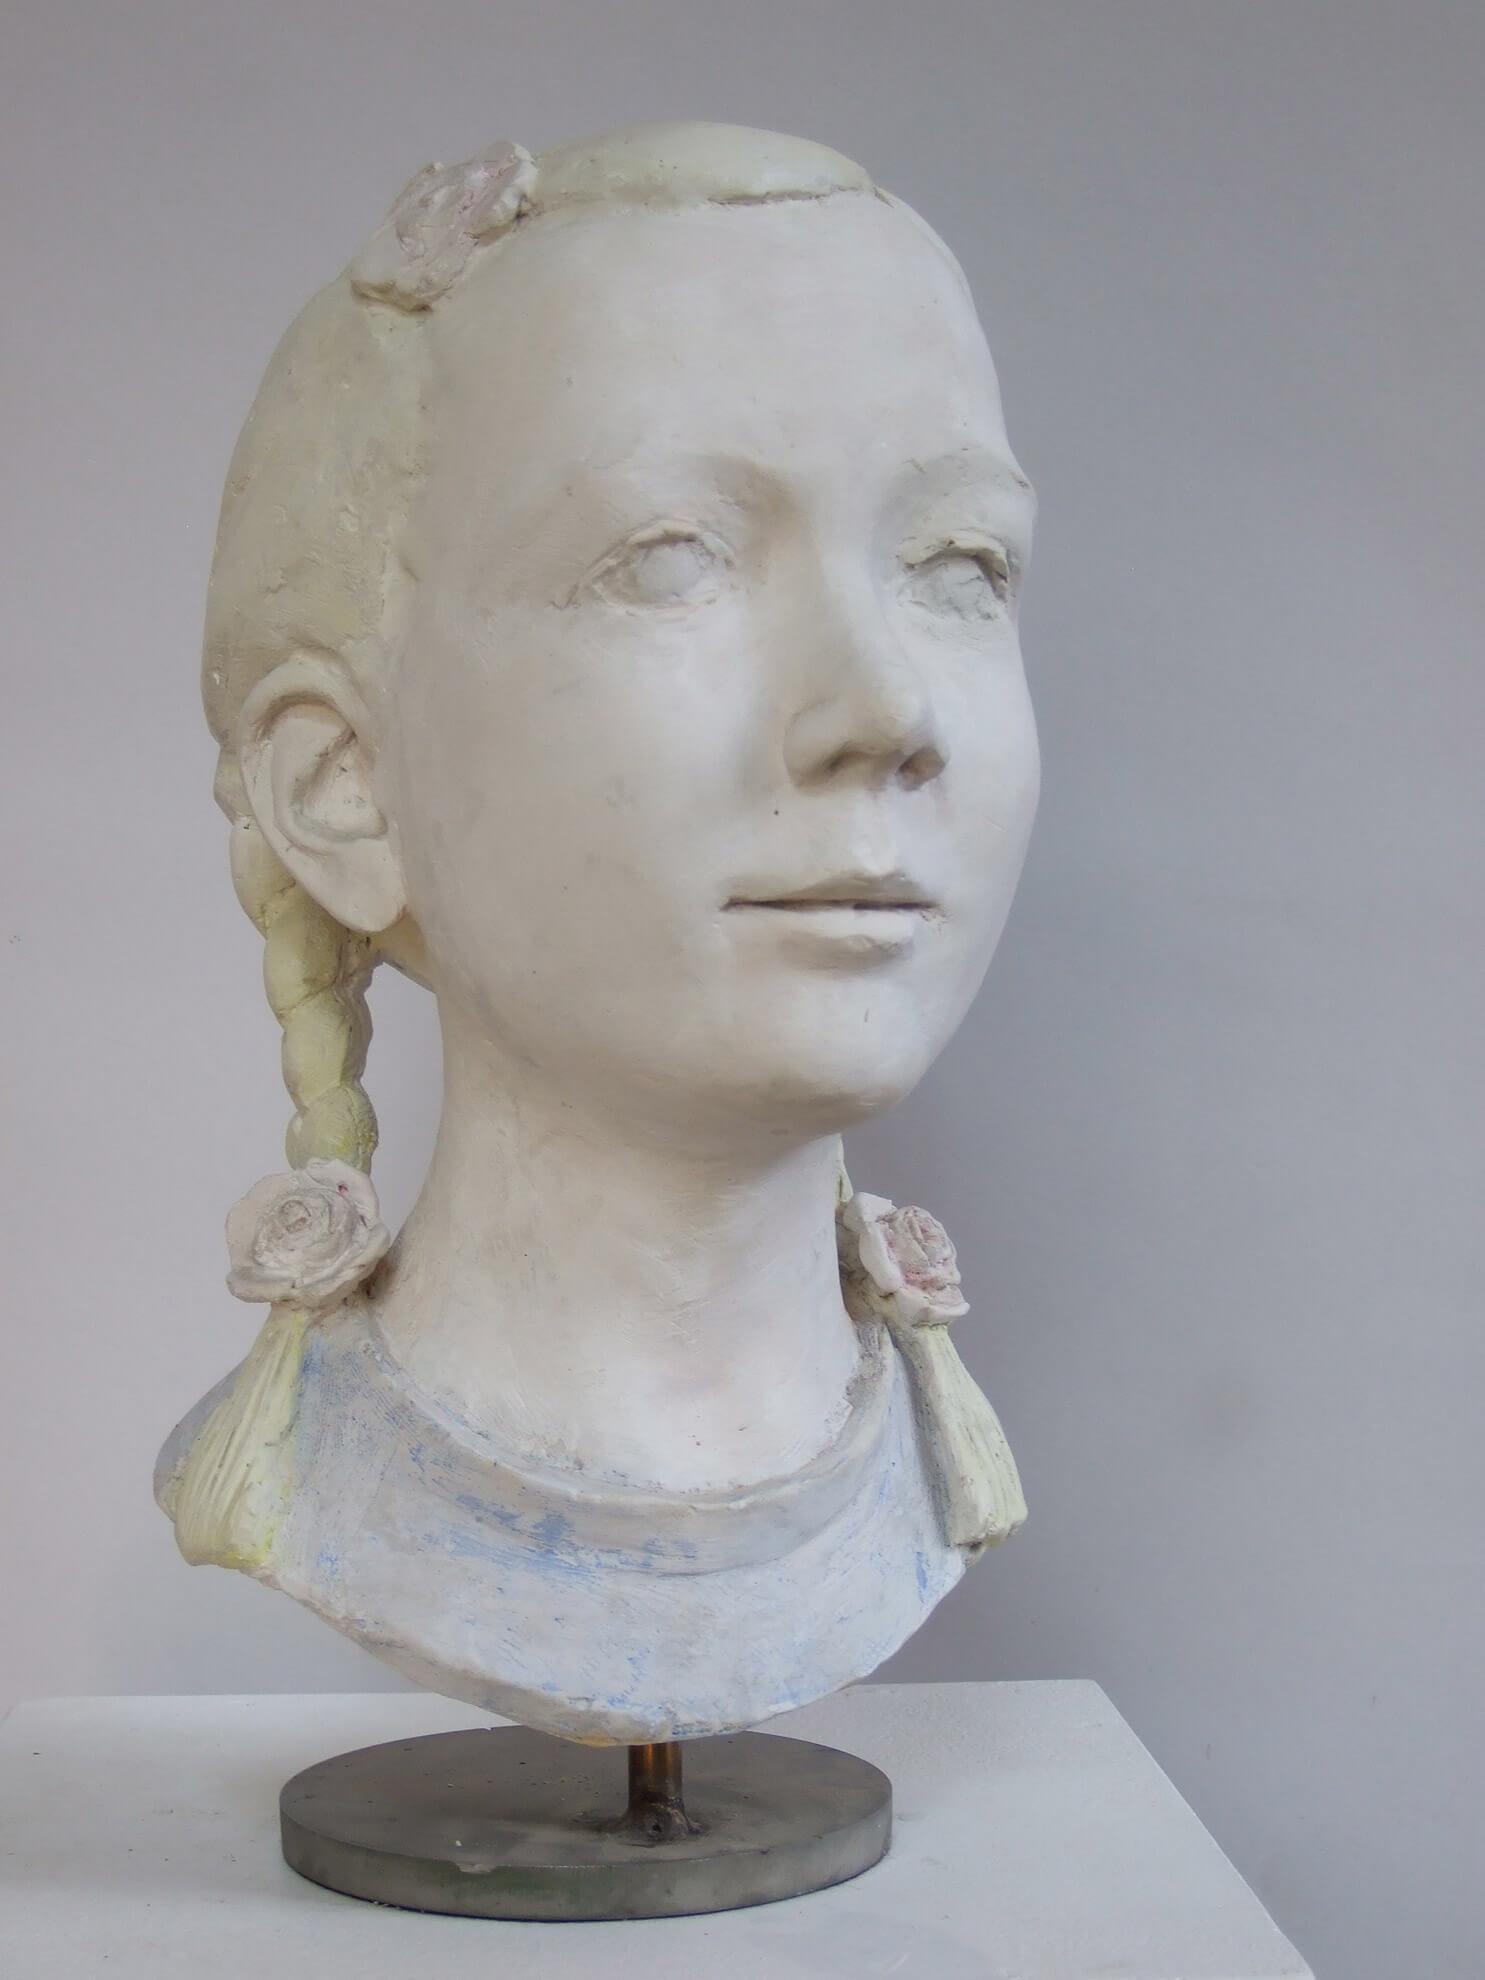 M. v. Boetticher, 2004, Gips koloriert